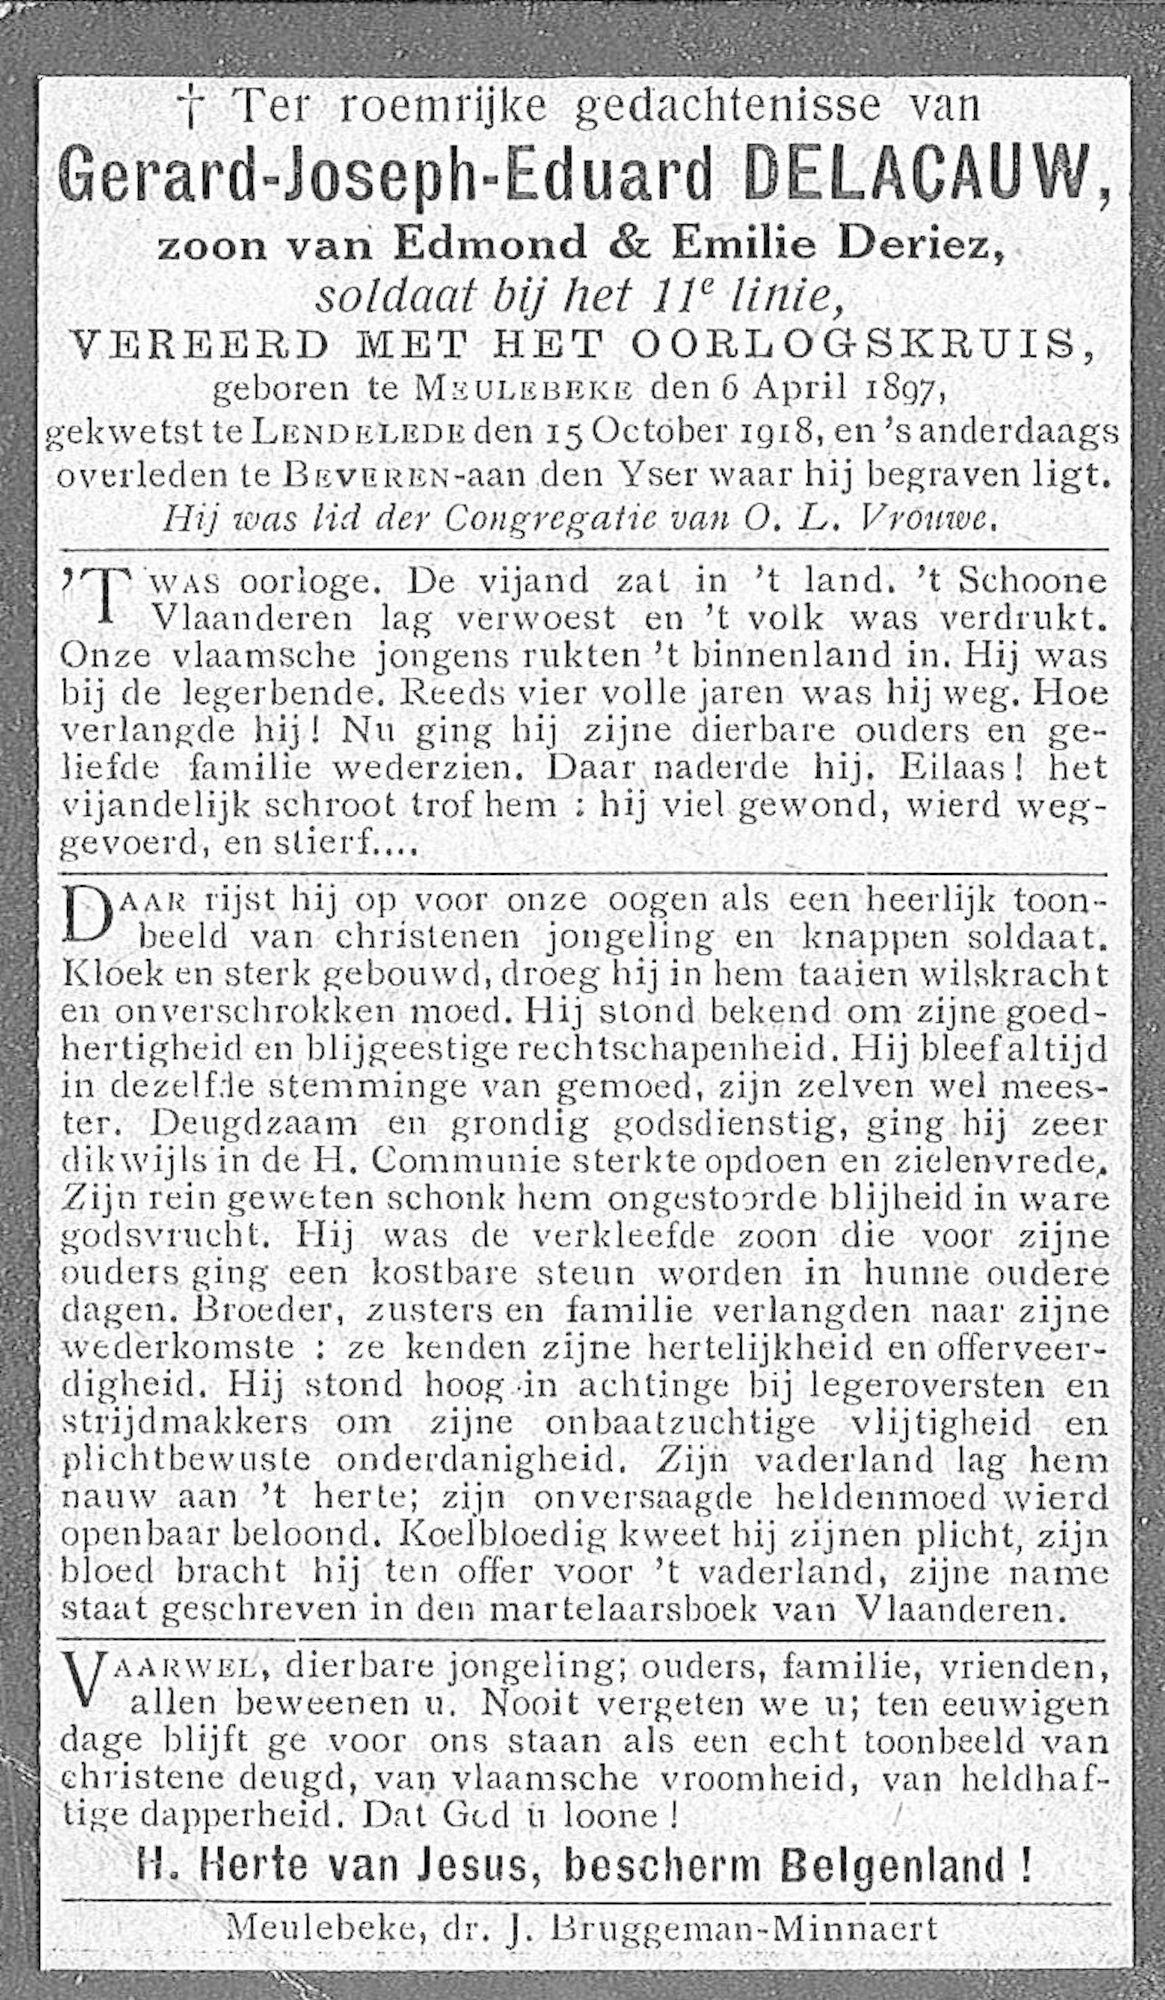 Gerard-Joseph-Eduard Delacauw